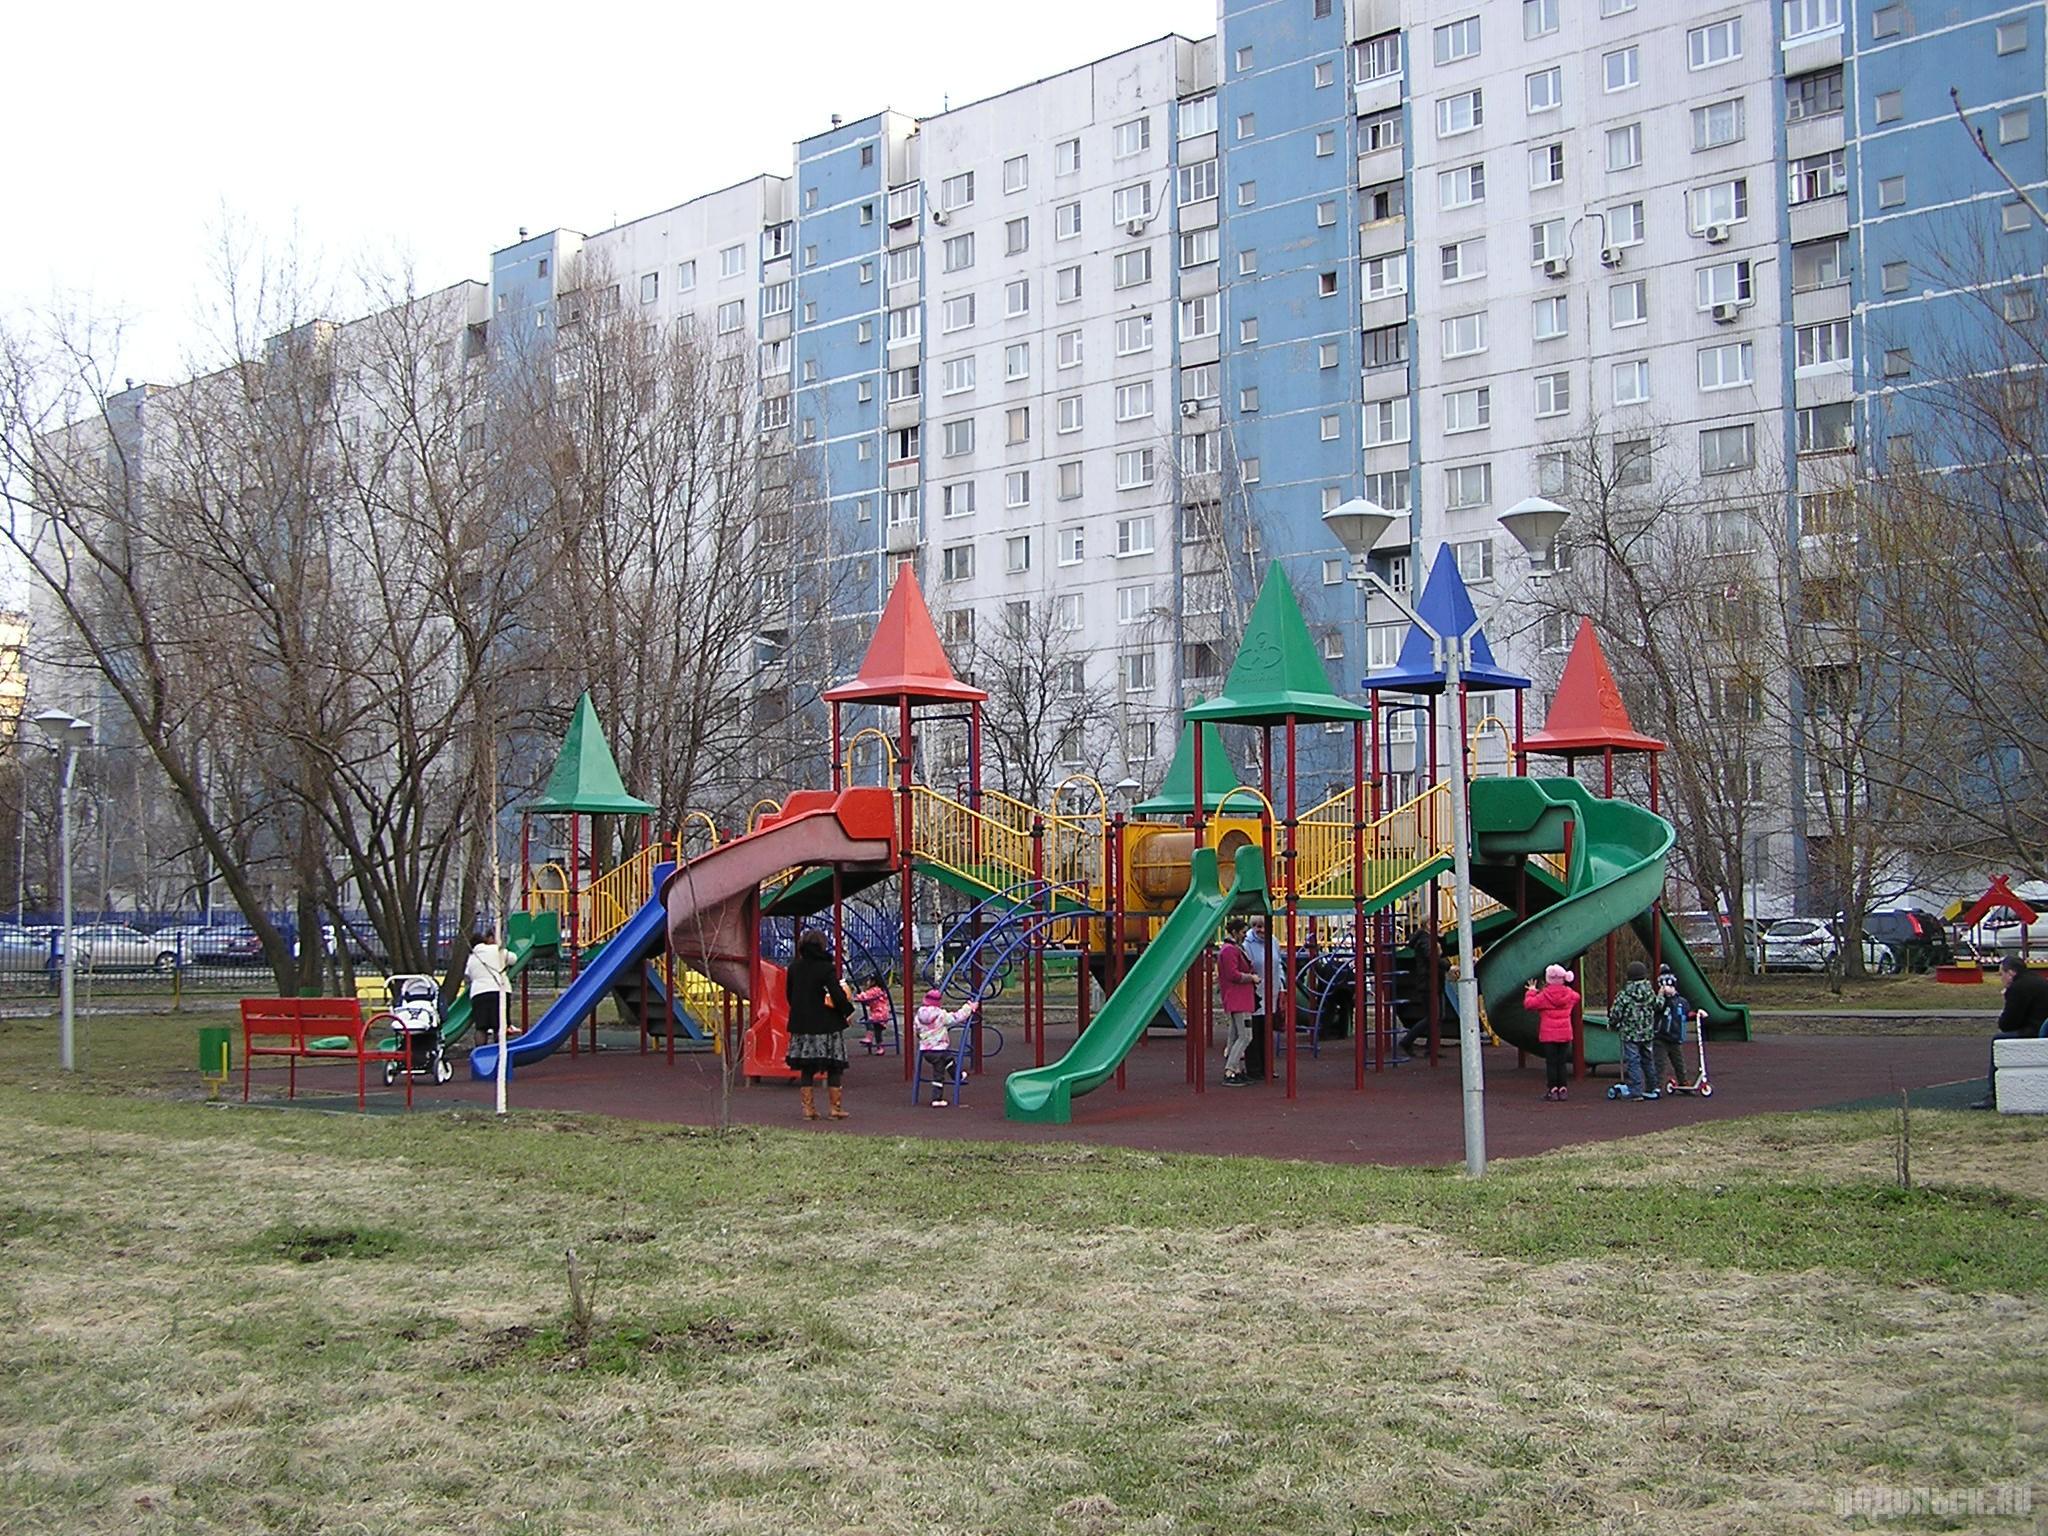 Детская площадка в Москве. Строгино, Строгинский бульвар. 6 апреля 2017.